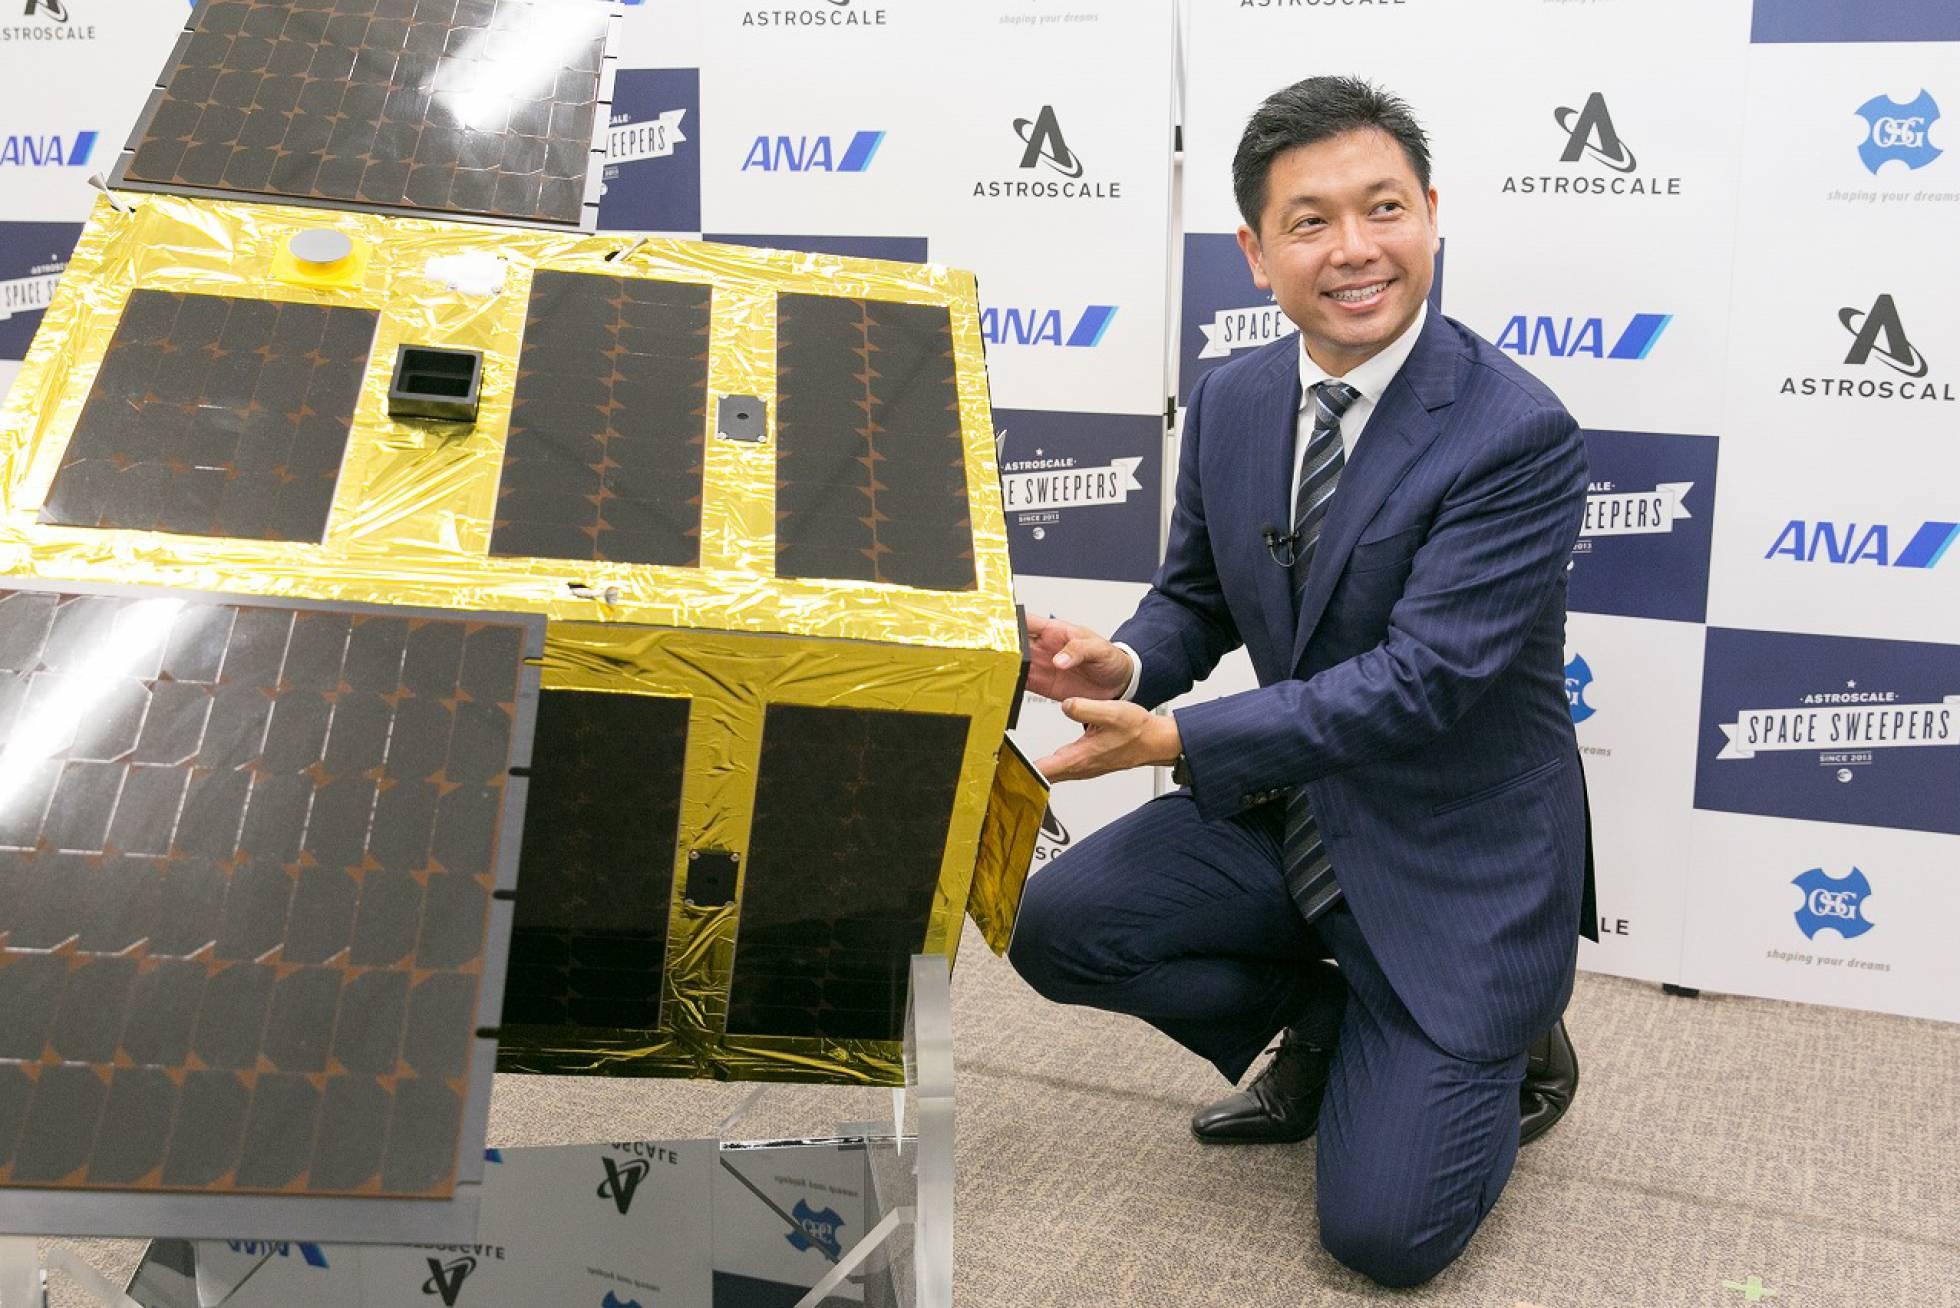 El japonés que tiene la solución para barrer el espacio